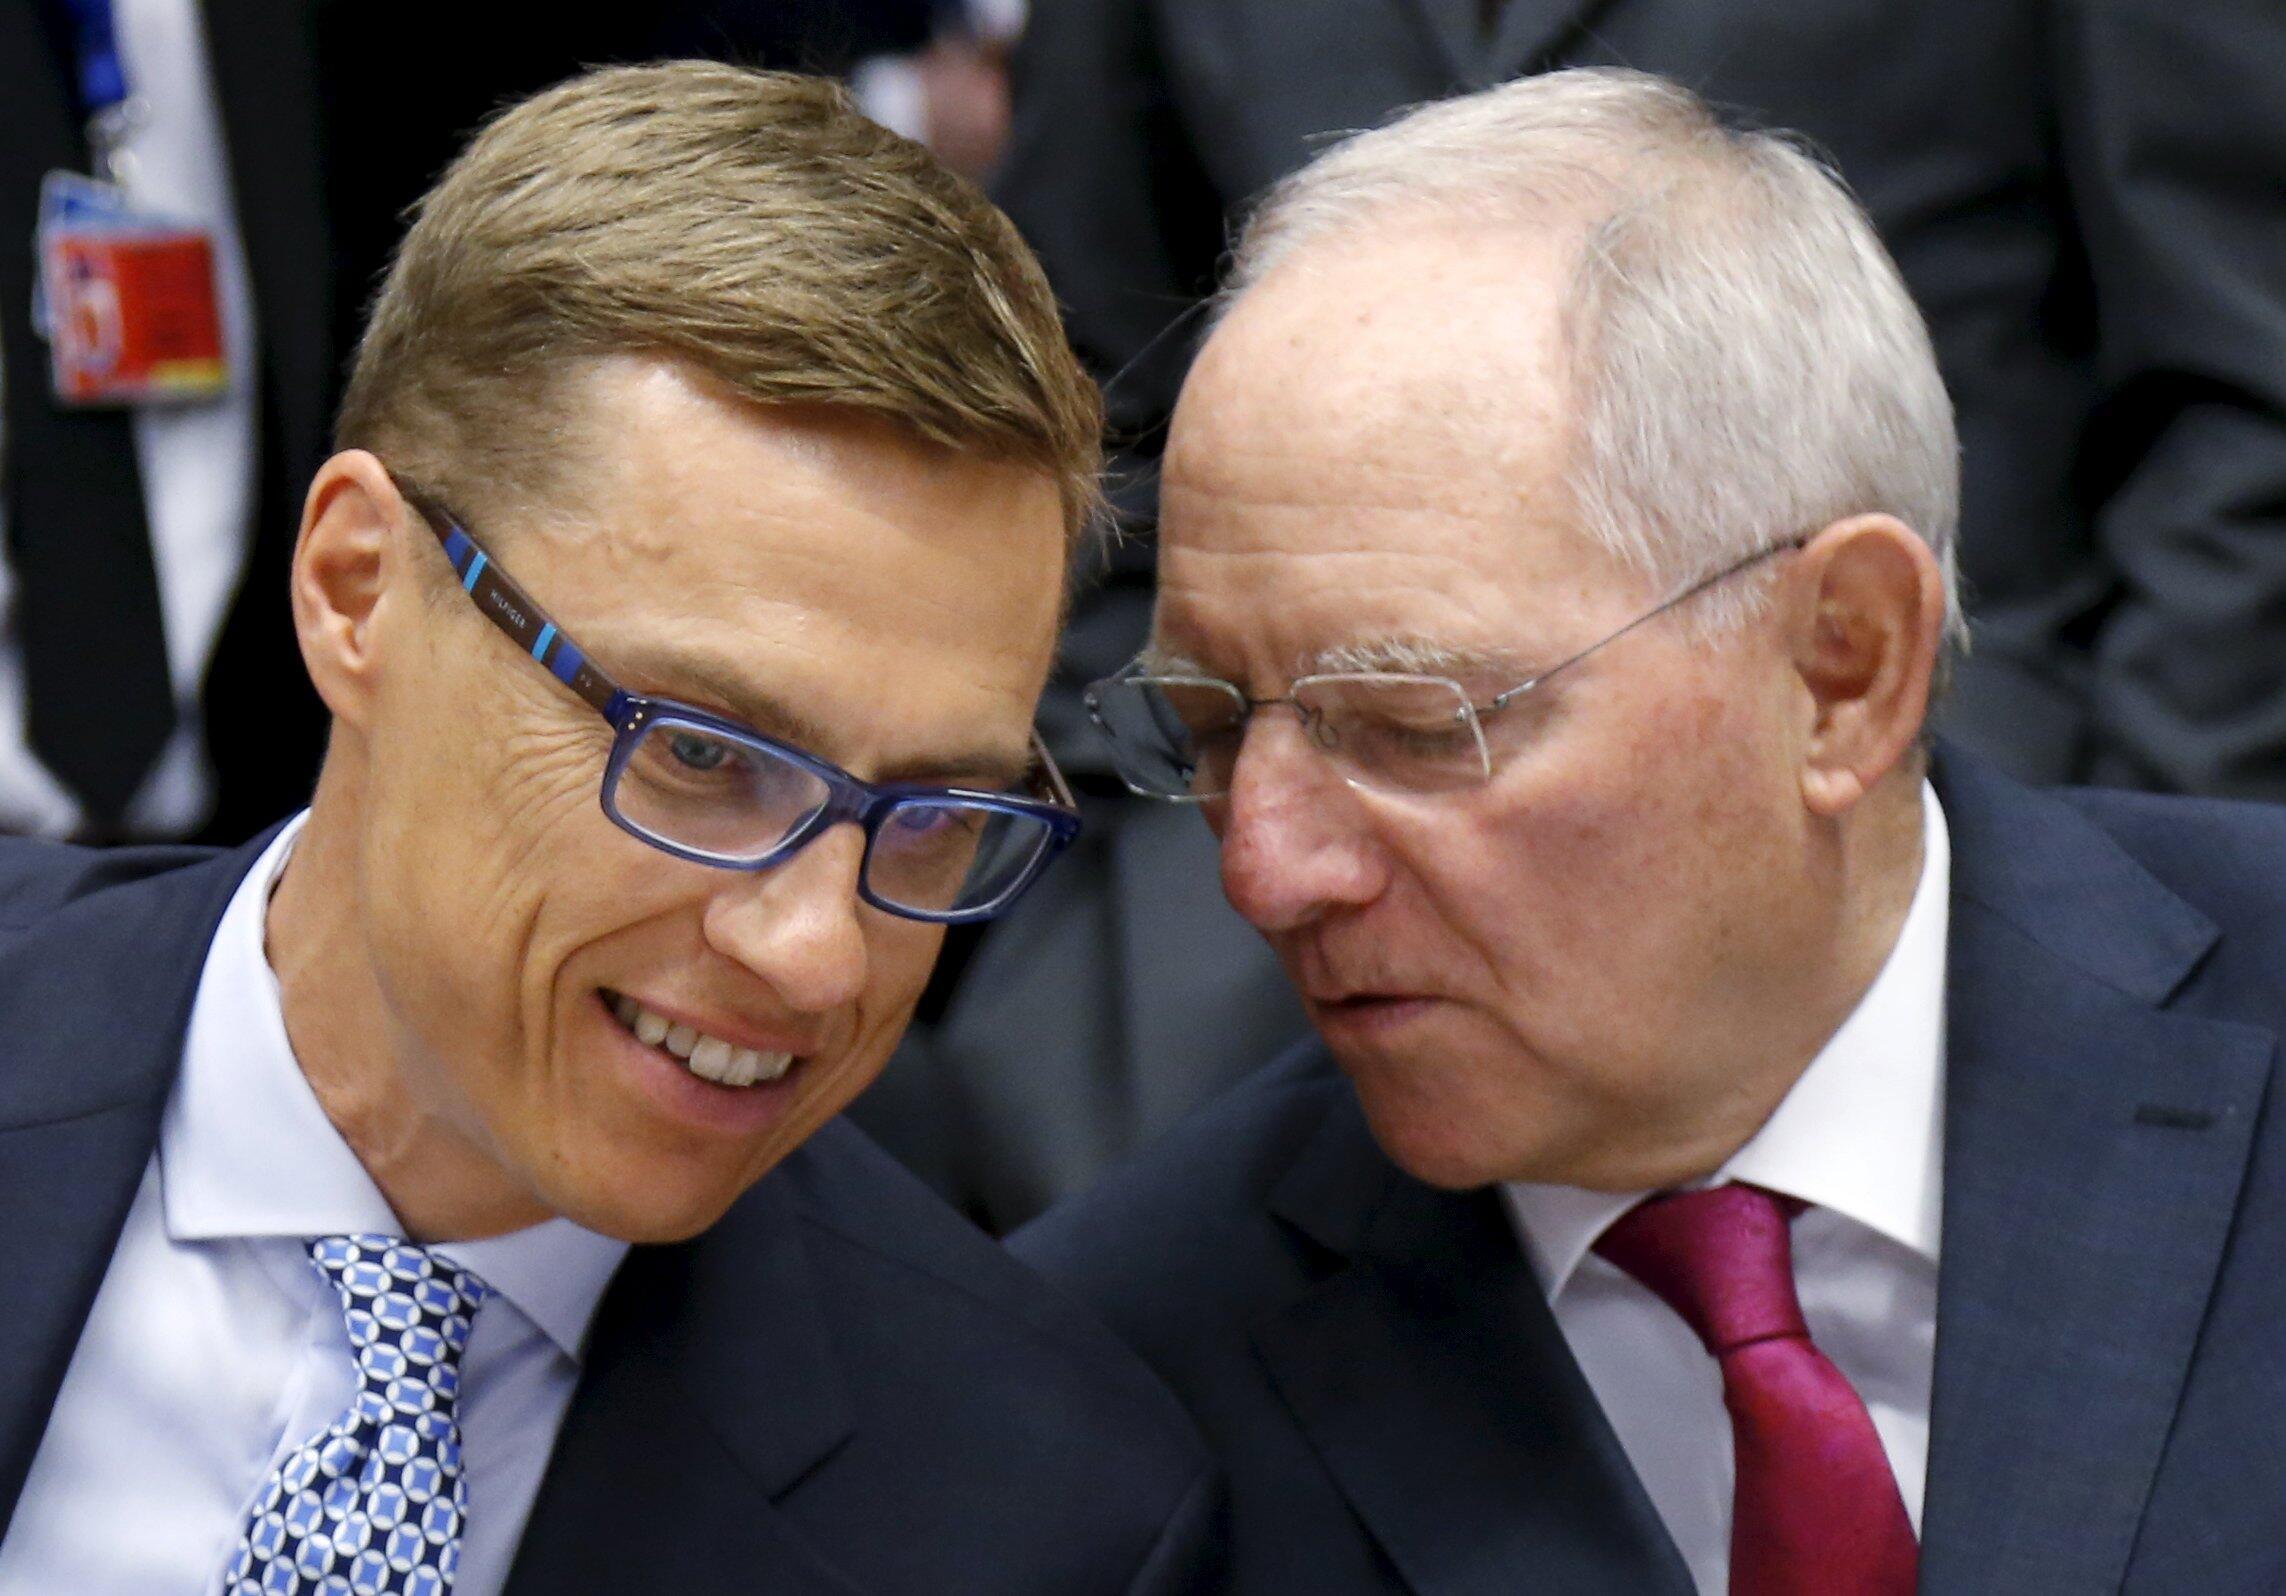 Các bộ trưởng Tài chính Phần Lan Alexander Stubb và Đức nhân một cuộc họp về nợ công Hy Lạp - REUTERS /Francois Lenoir